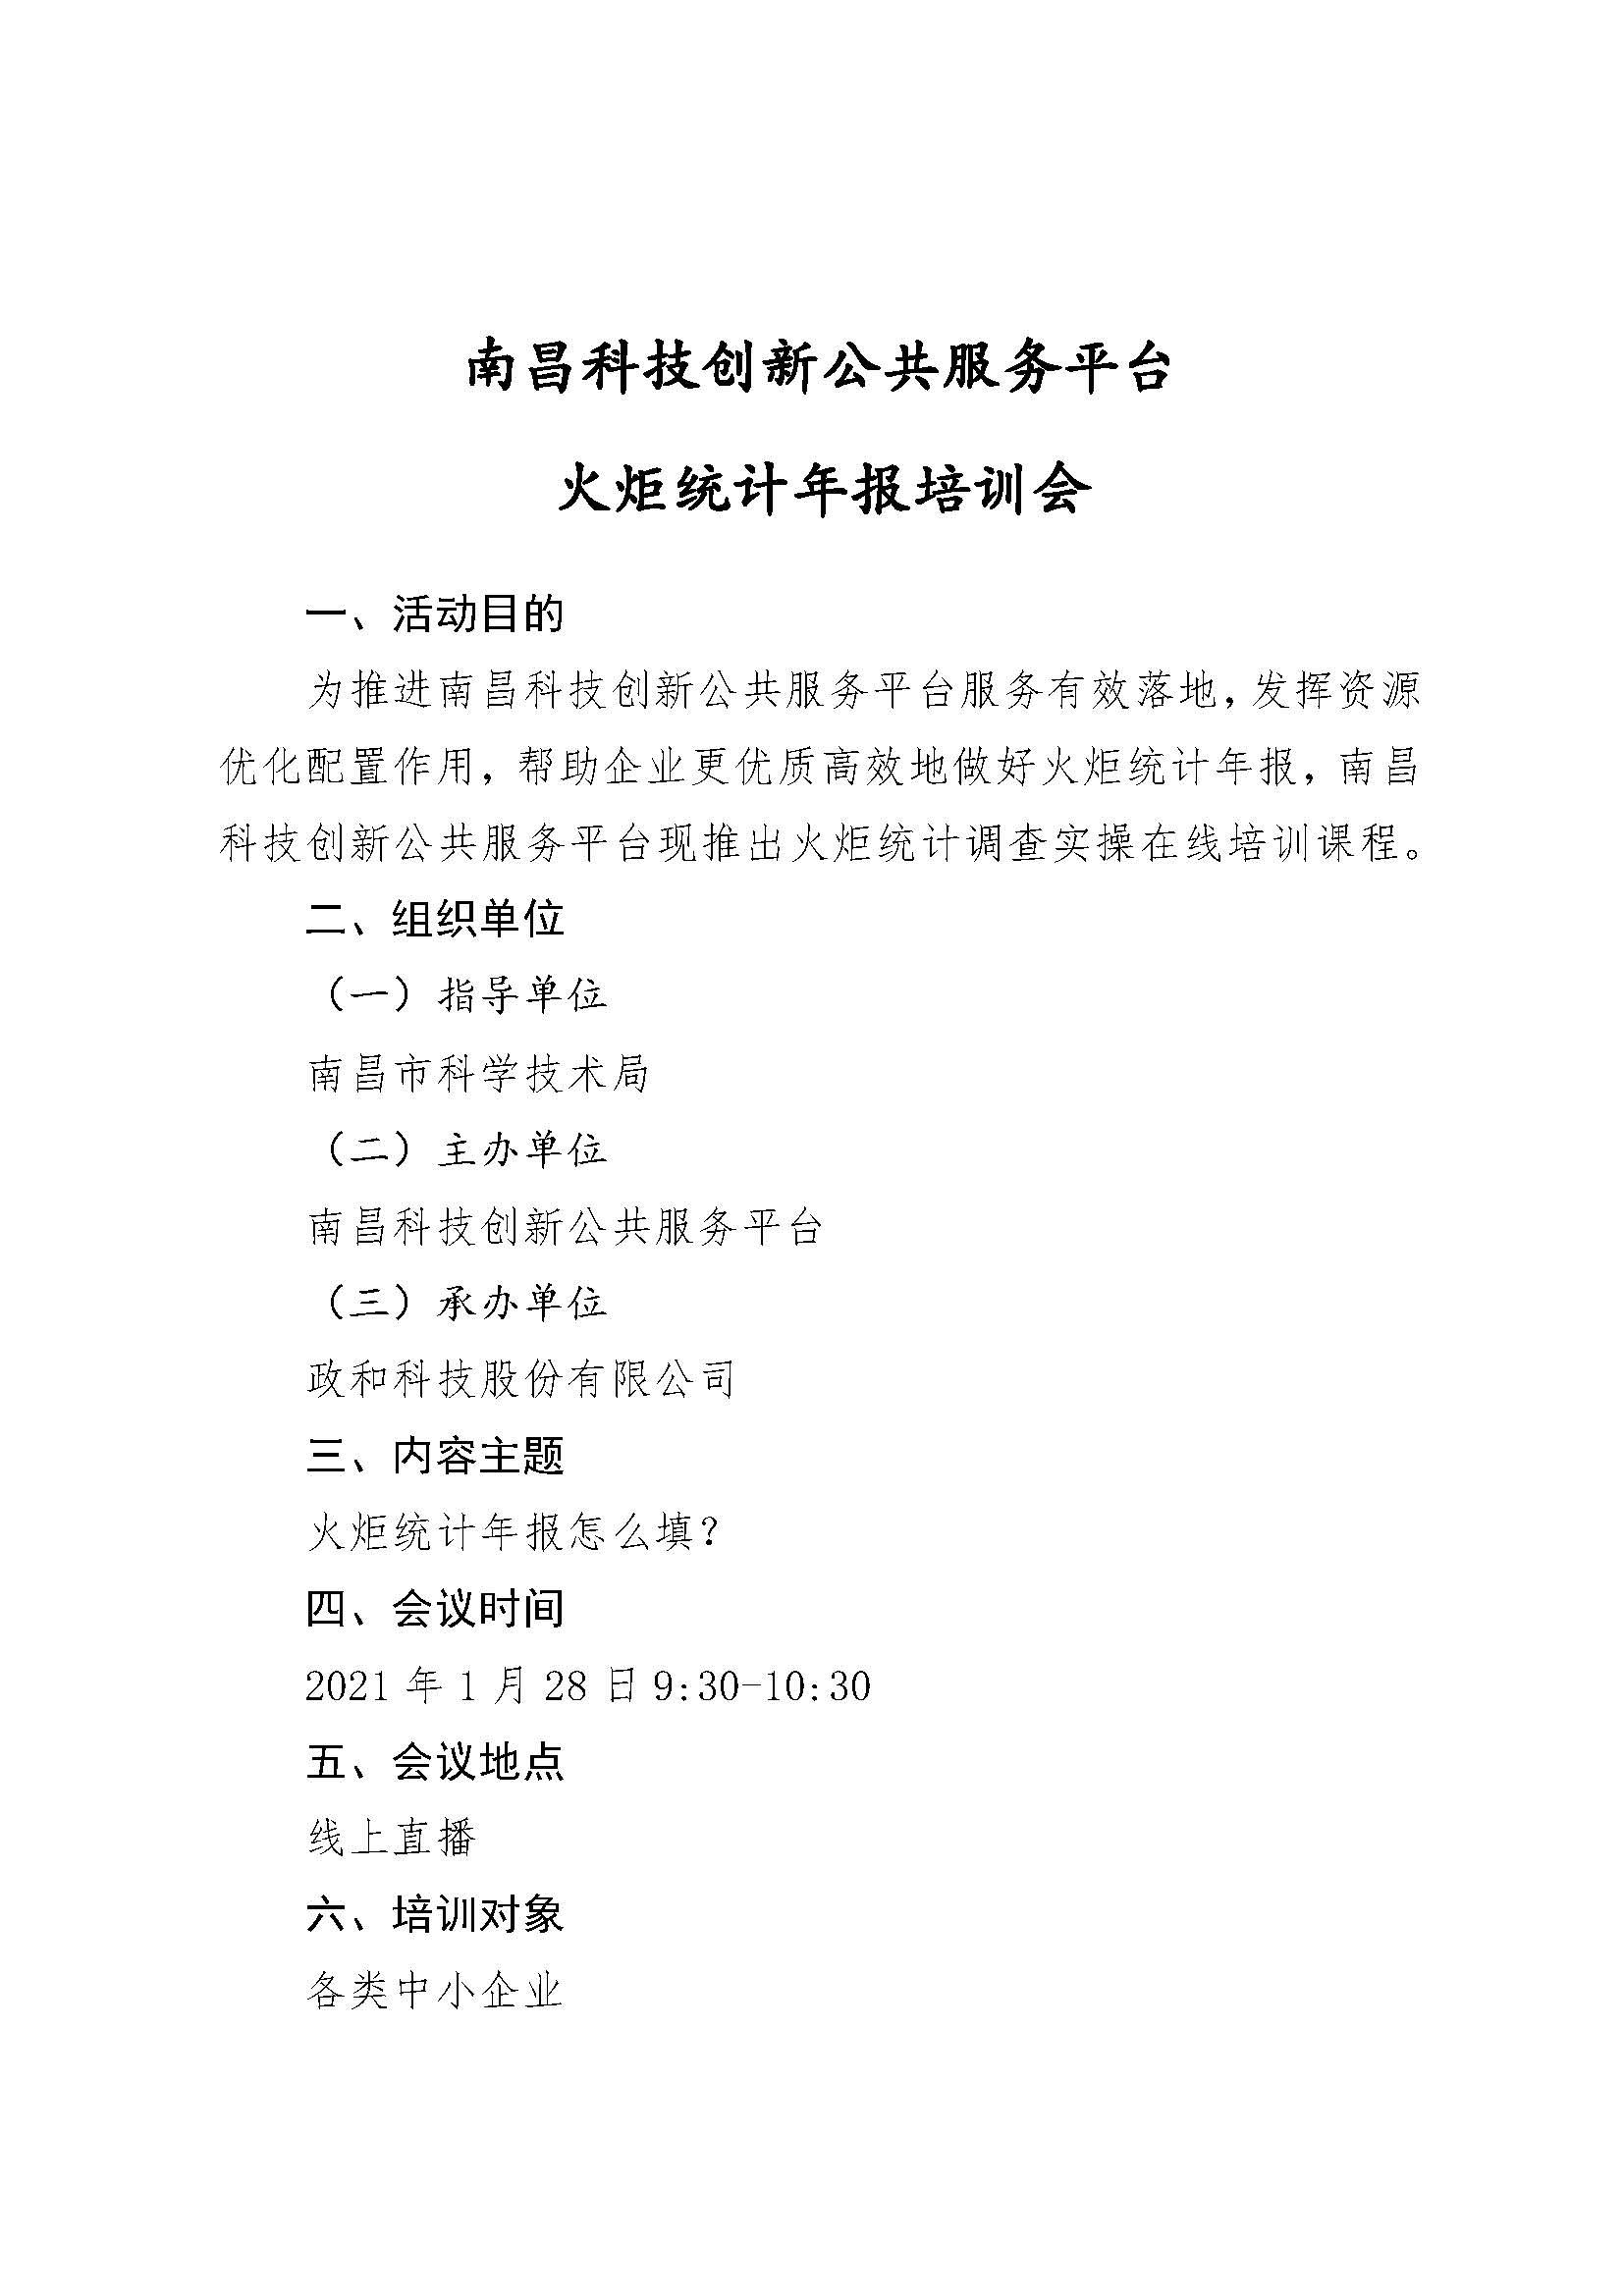 南昌科技创新公共服务平台20210128培训会_页面_1.jpg